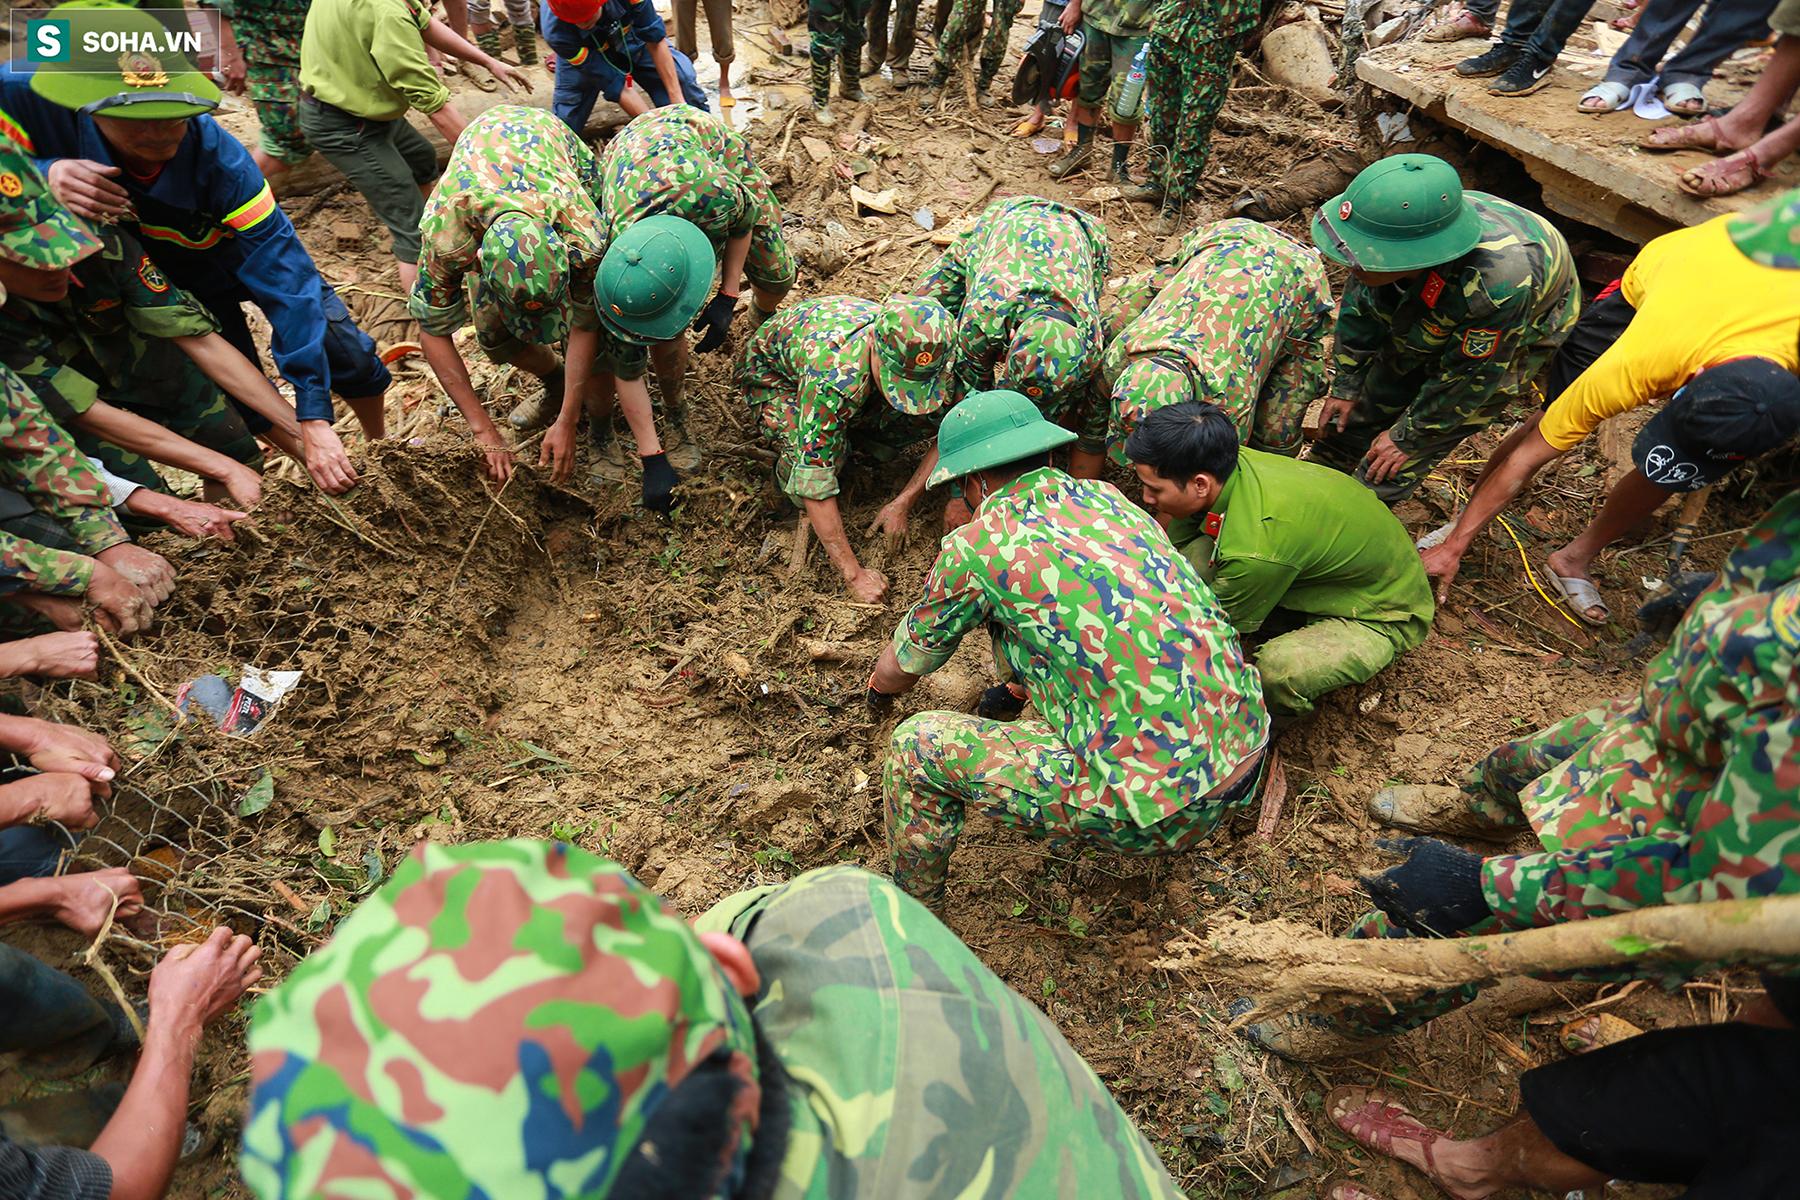 [Ảnh] Dân làng khóc nghẹn khi tìm thấy bé trai 10 tháng tuổi dưới lớp bùn đất vụ sạt lở ở Trà Leng - Ảnh 6.